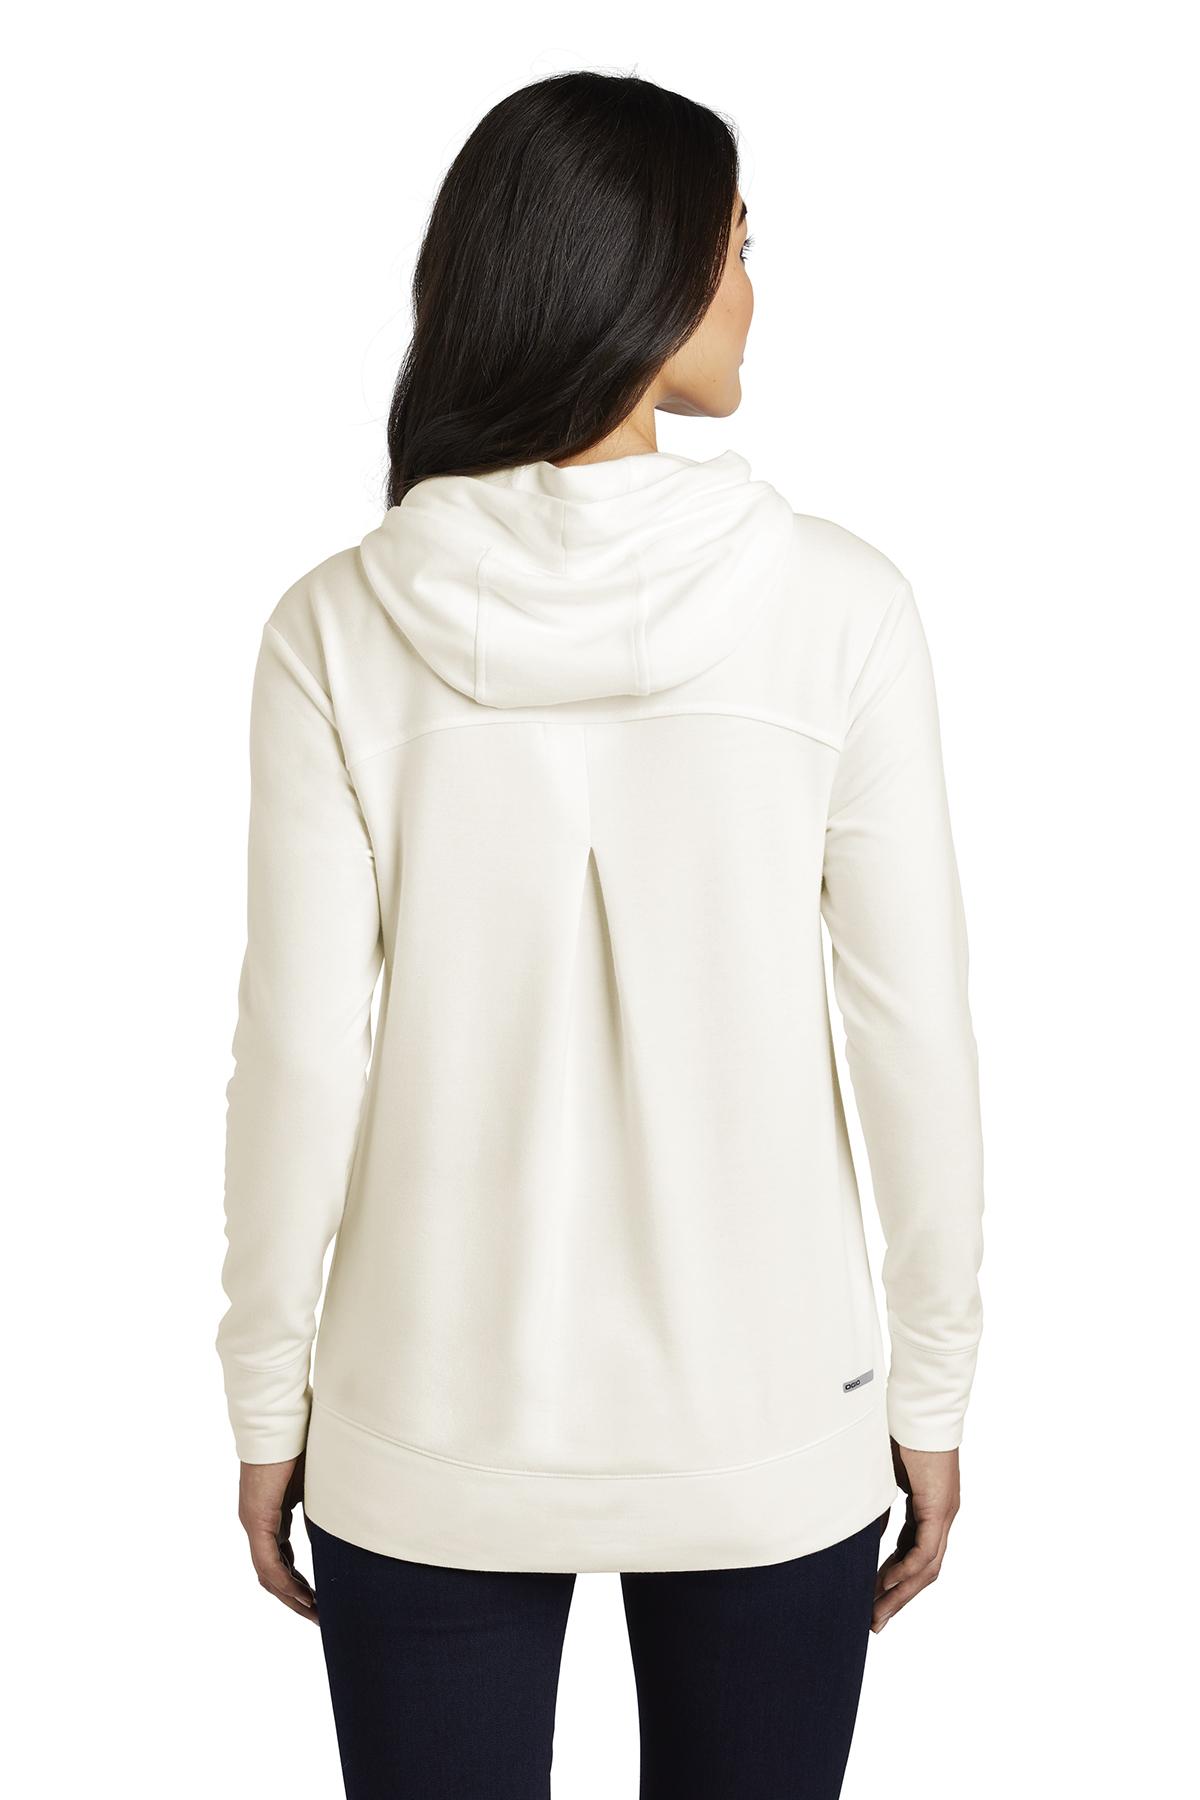 OGIO ® Ladies Luuma Pullover Fleece Hoodie | Sweatshirts